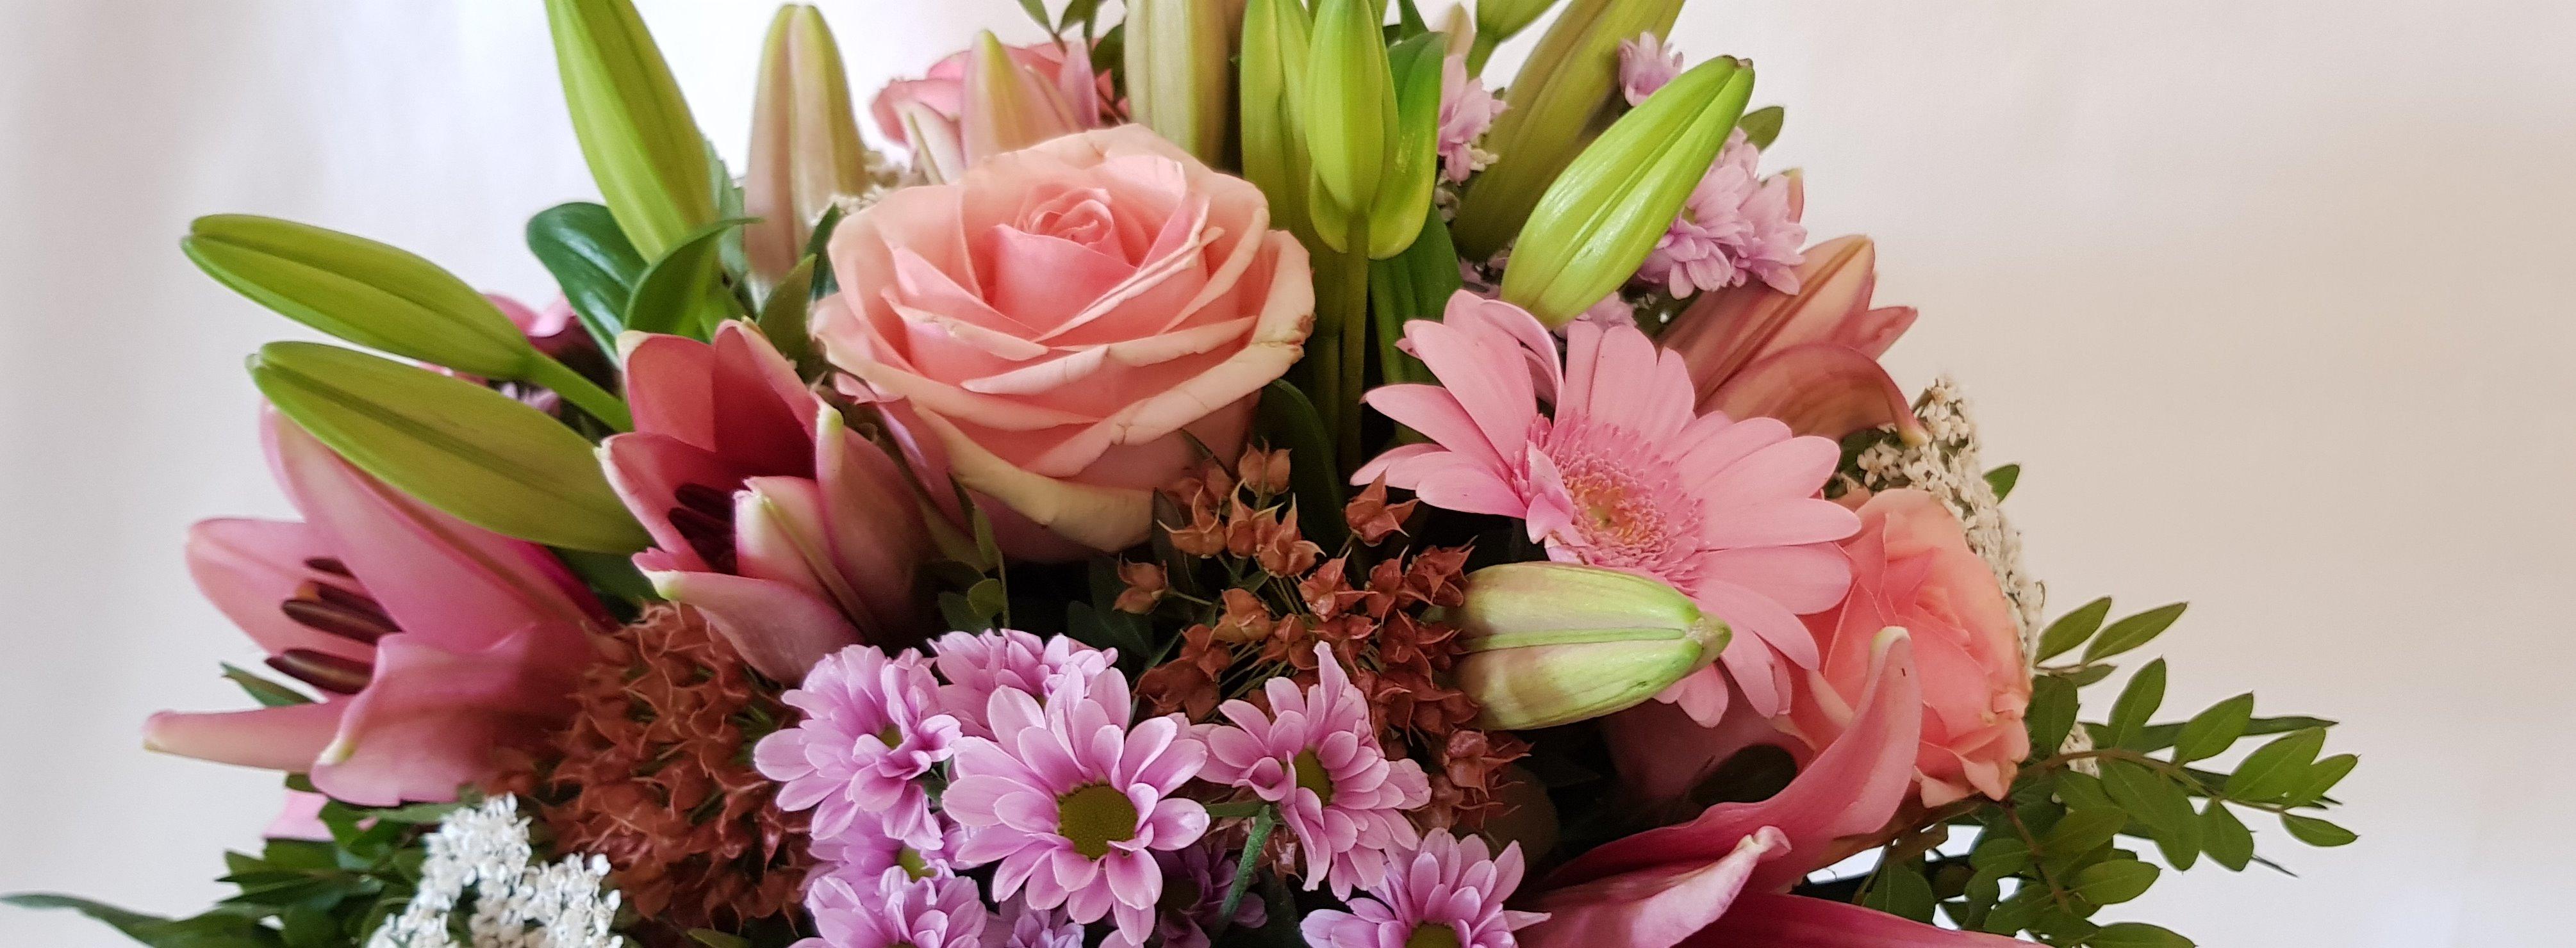 kompakter Blumenstrauß